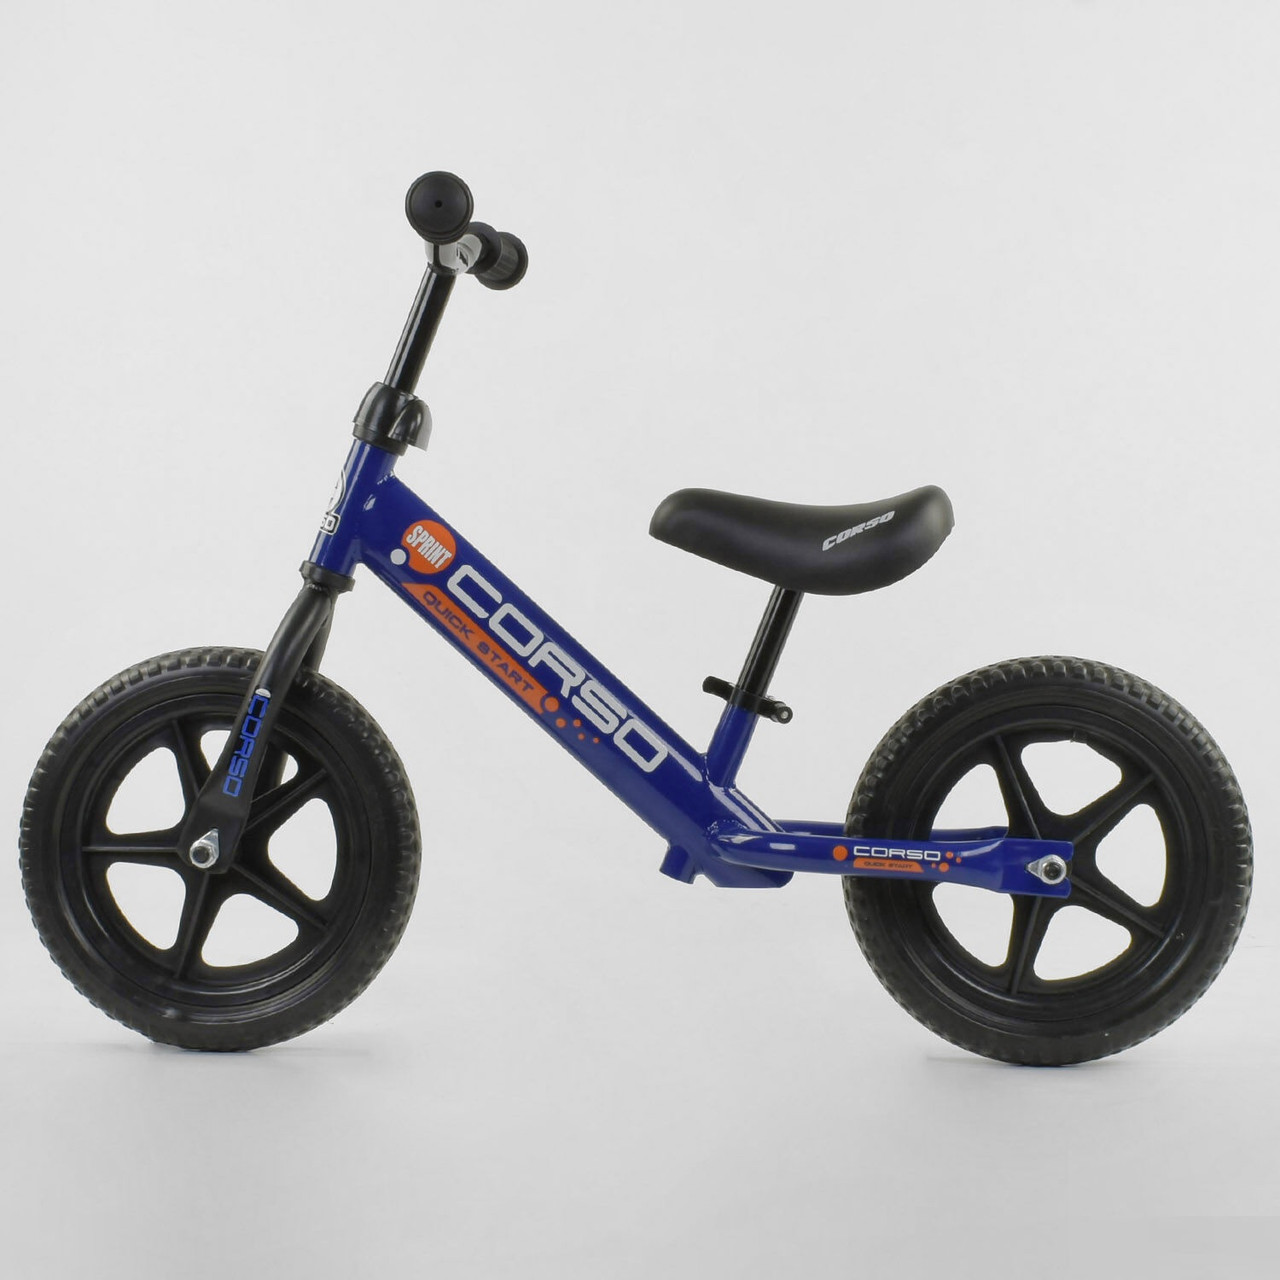 Беговел синий велобег для мальчика от 2-х лет Легкий беговел для ребенка 12 дюймов